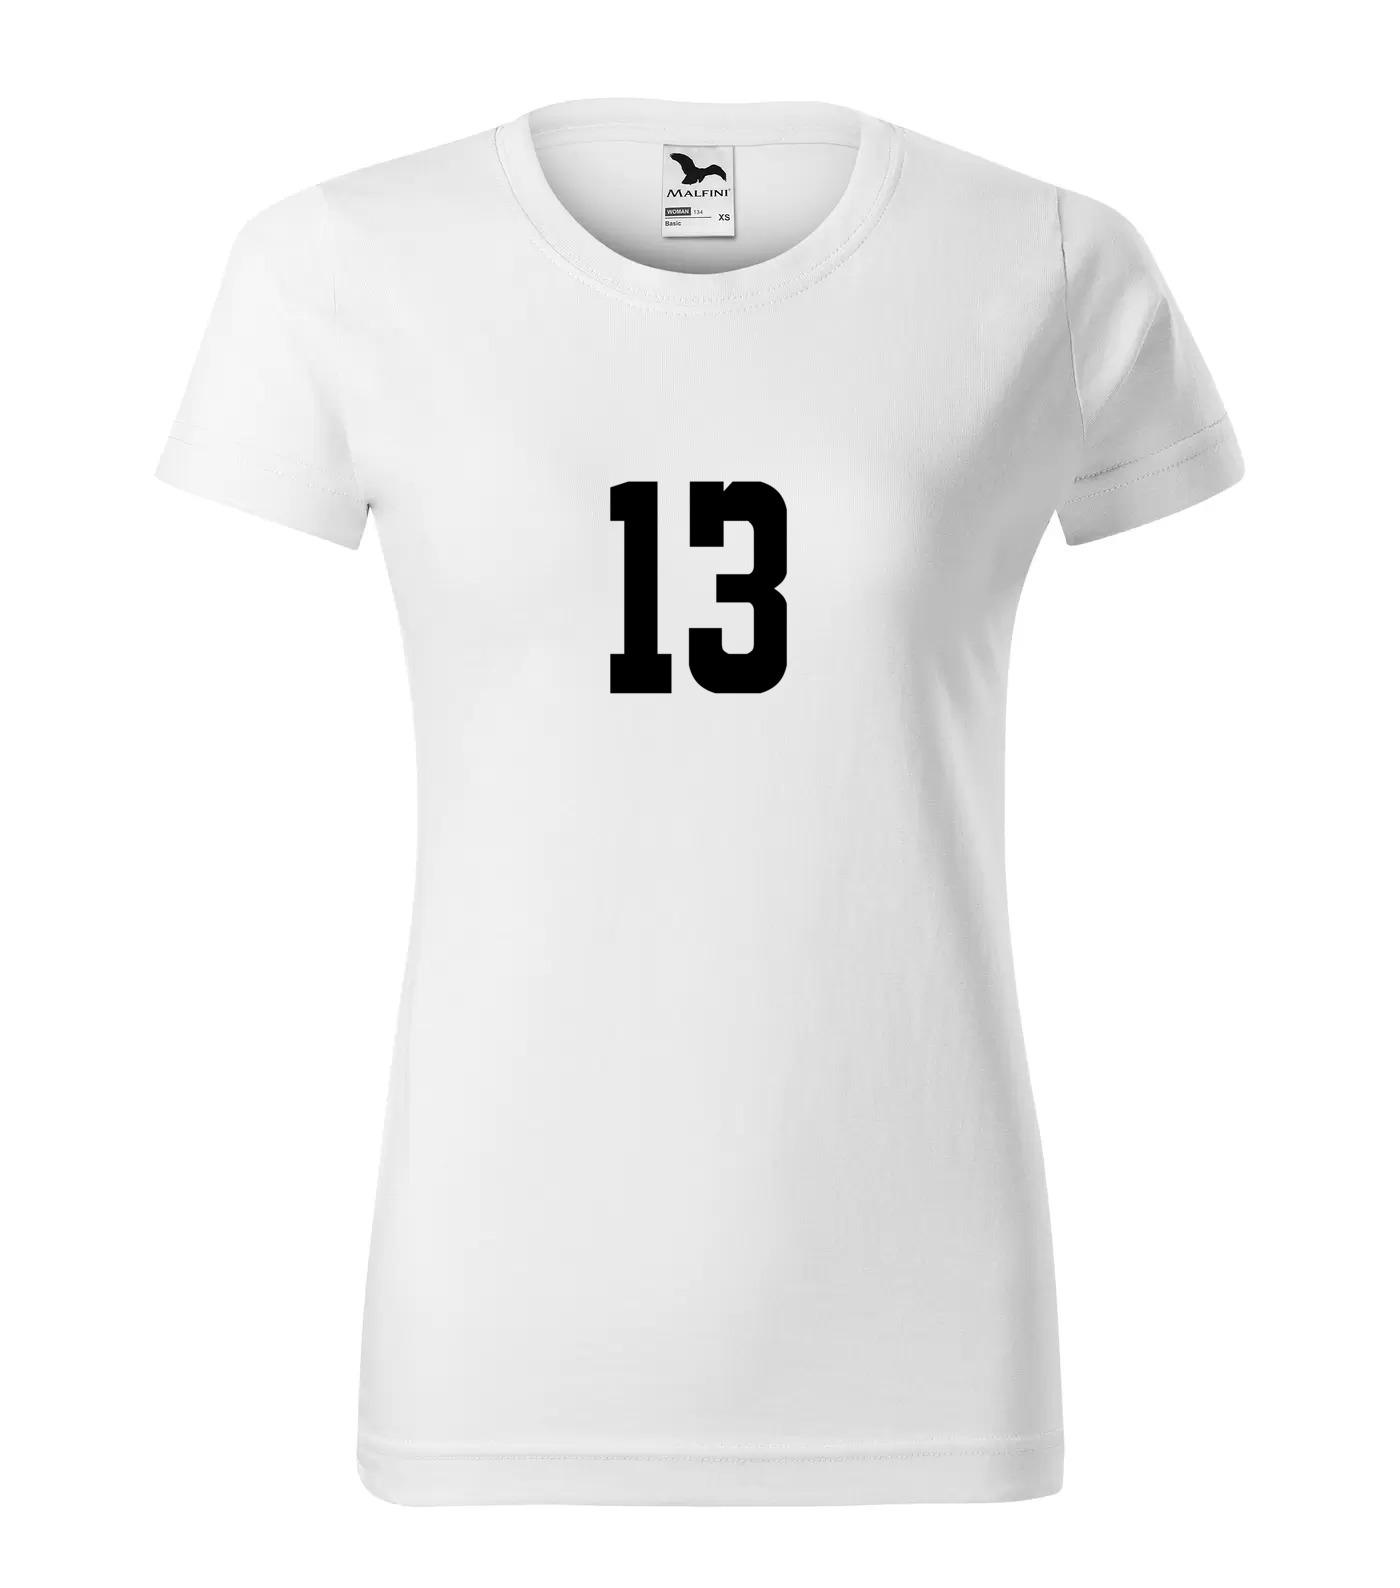 Tričko s číslem 13